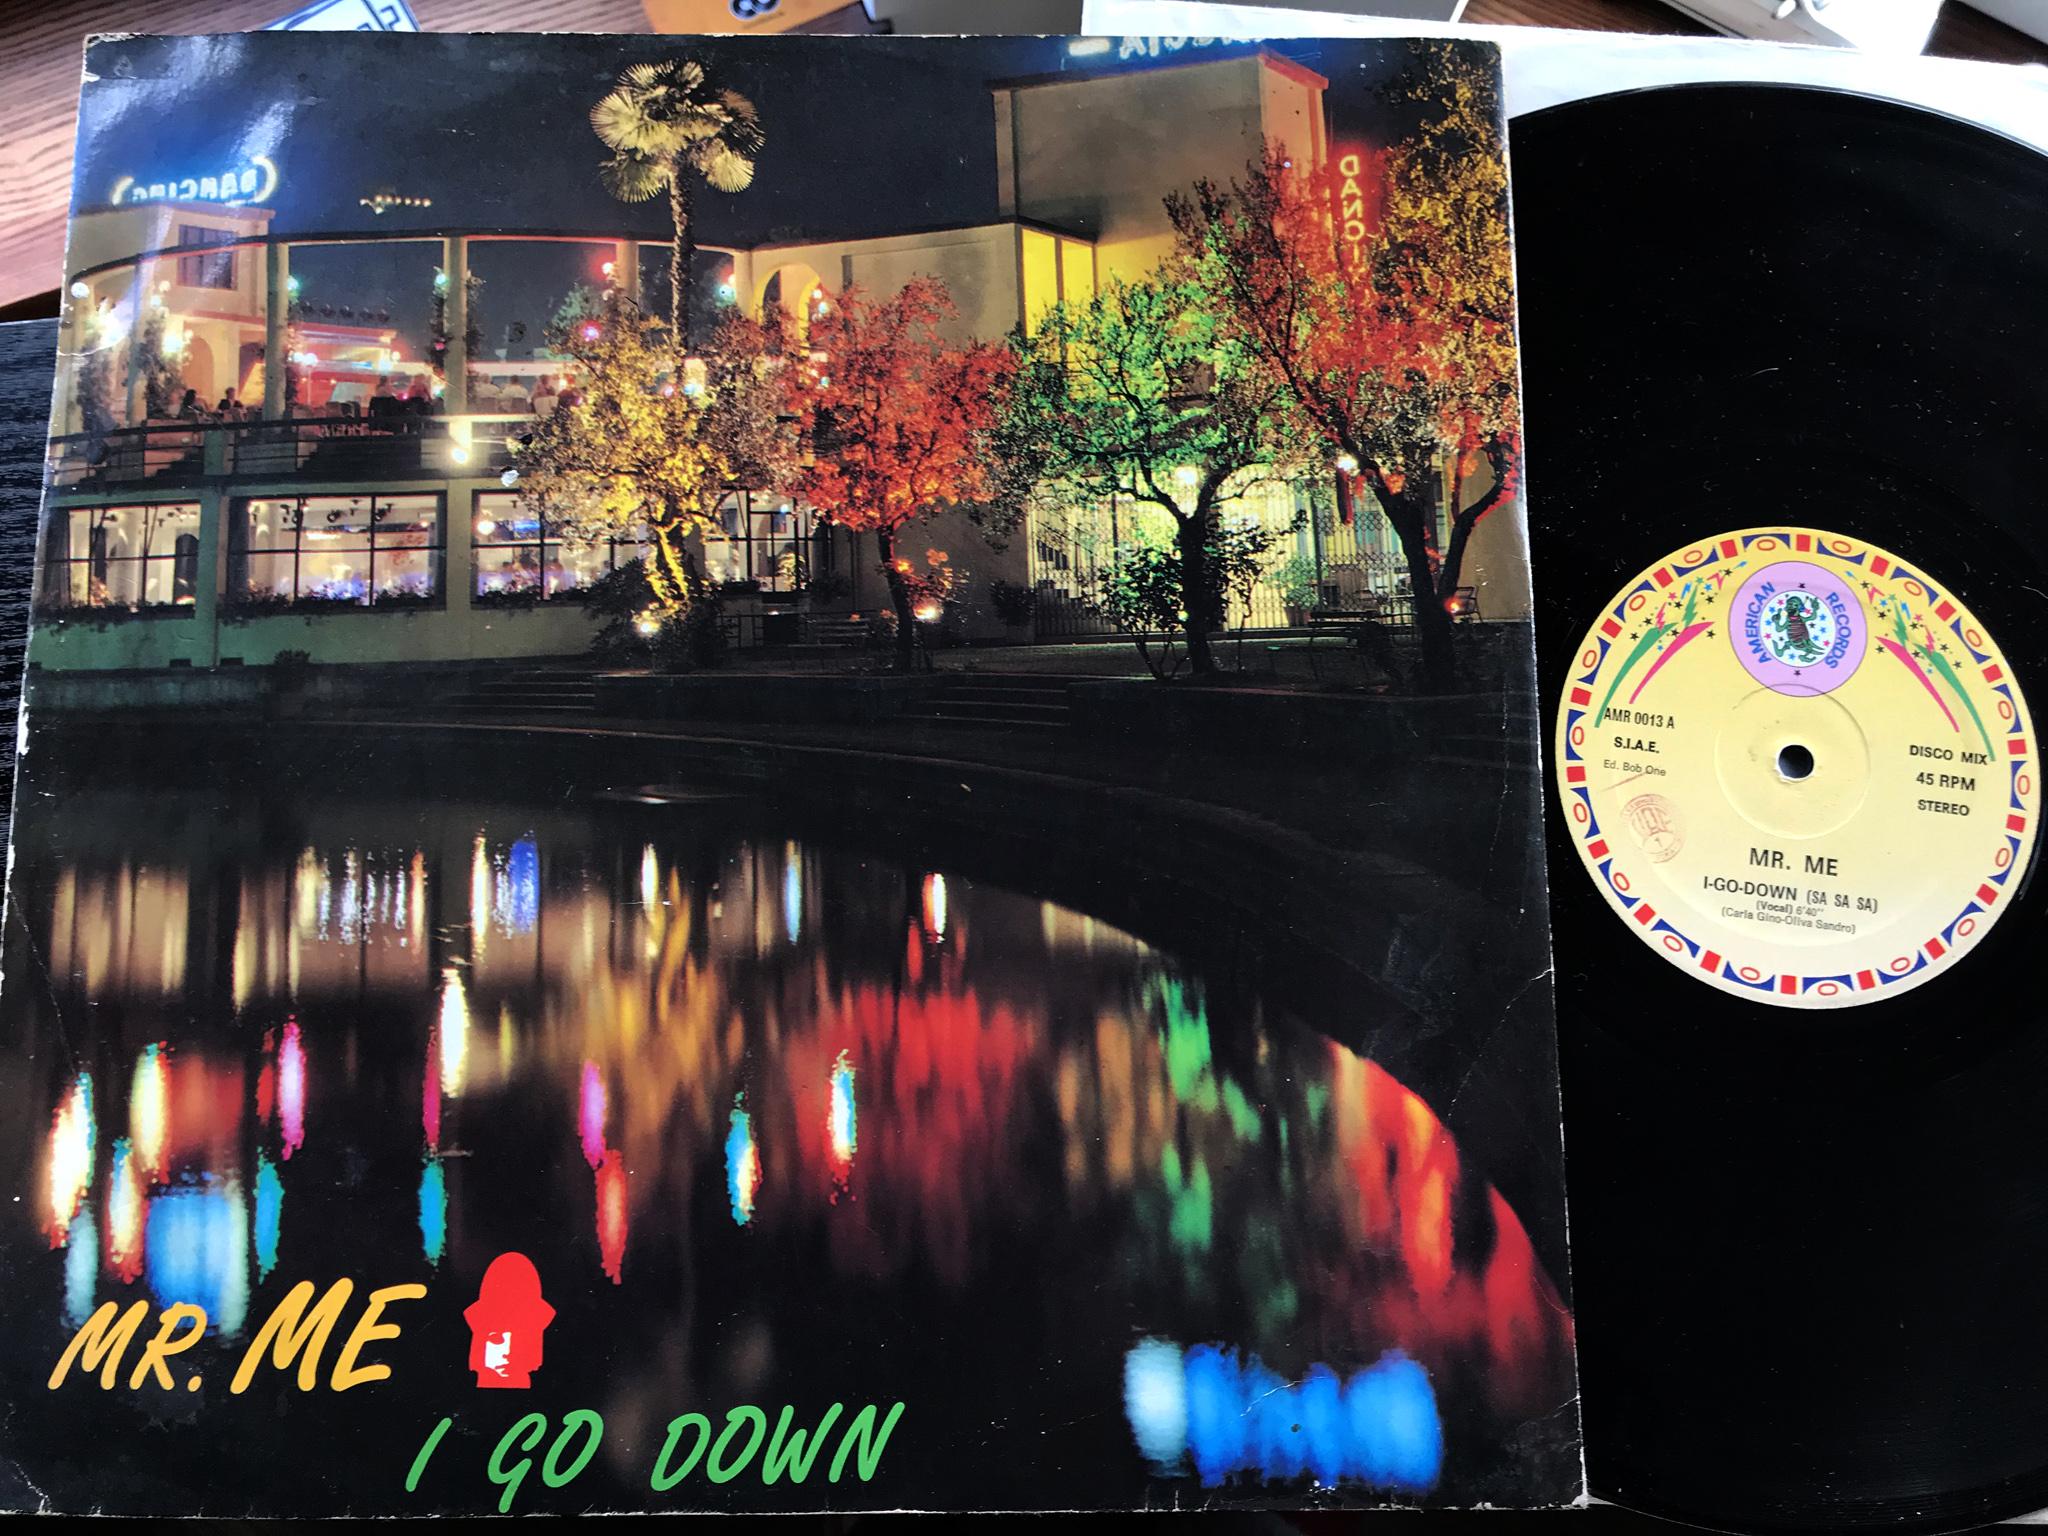 Mr. Me - I Go Down